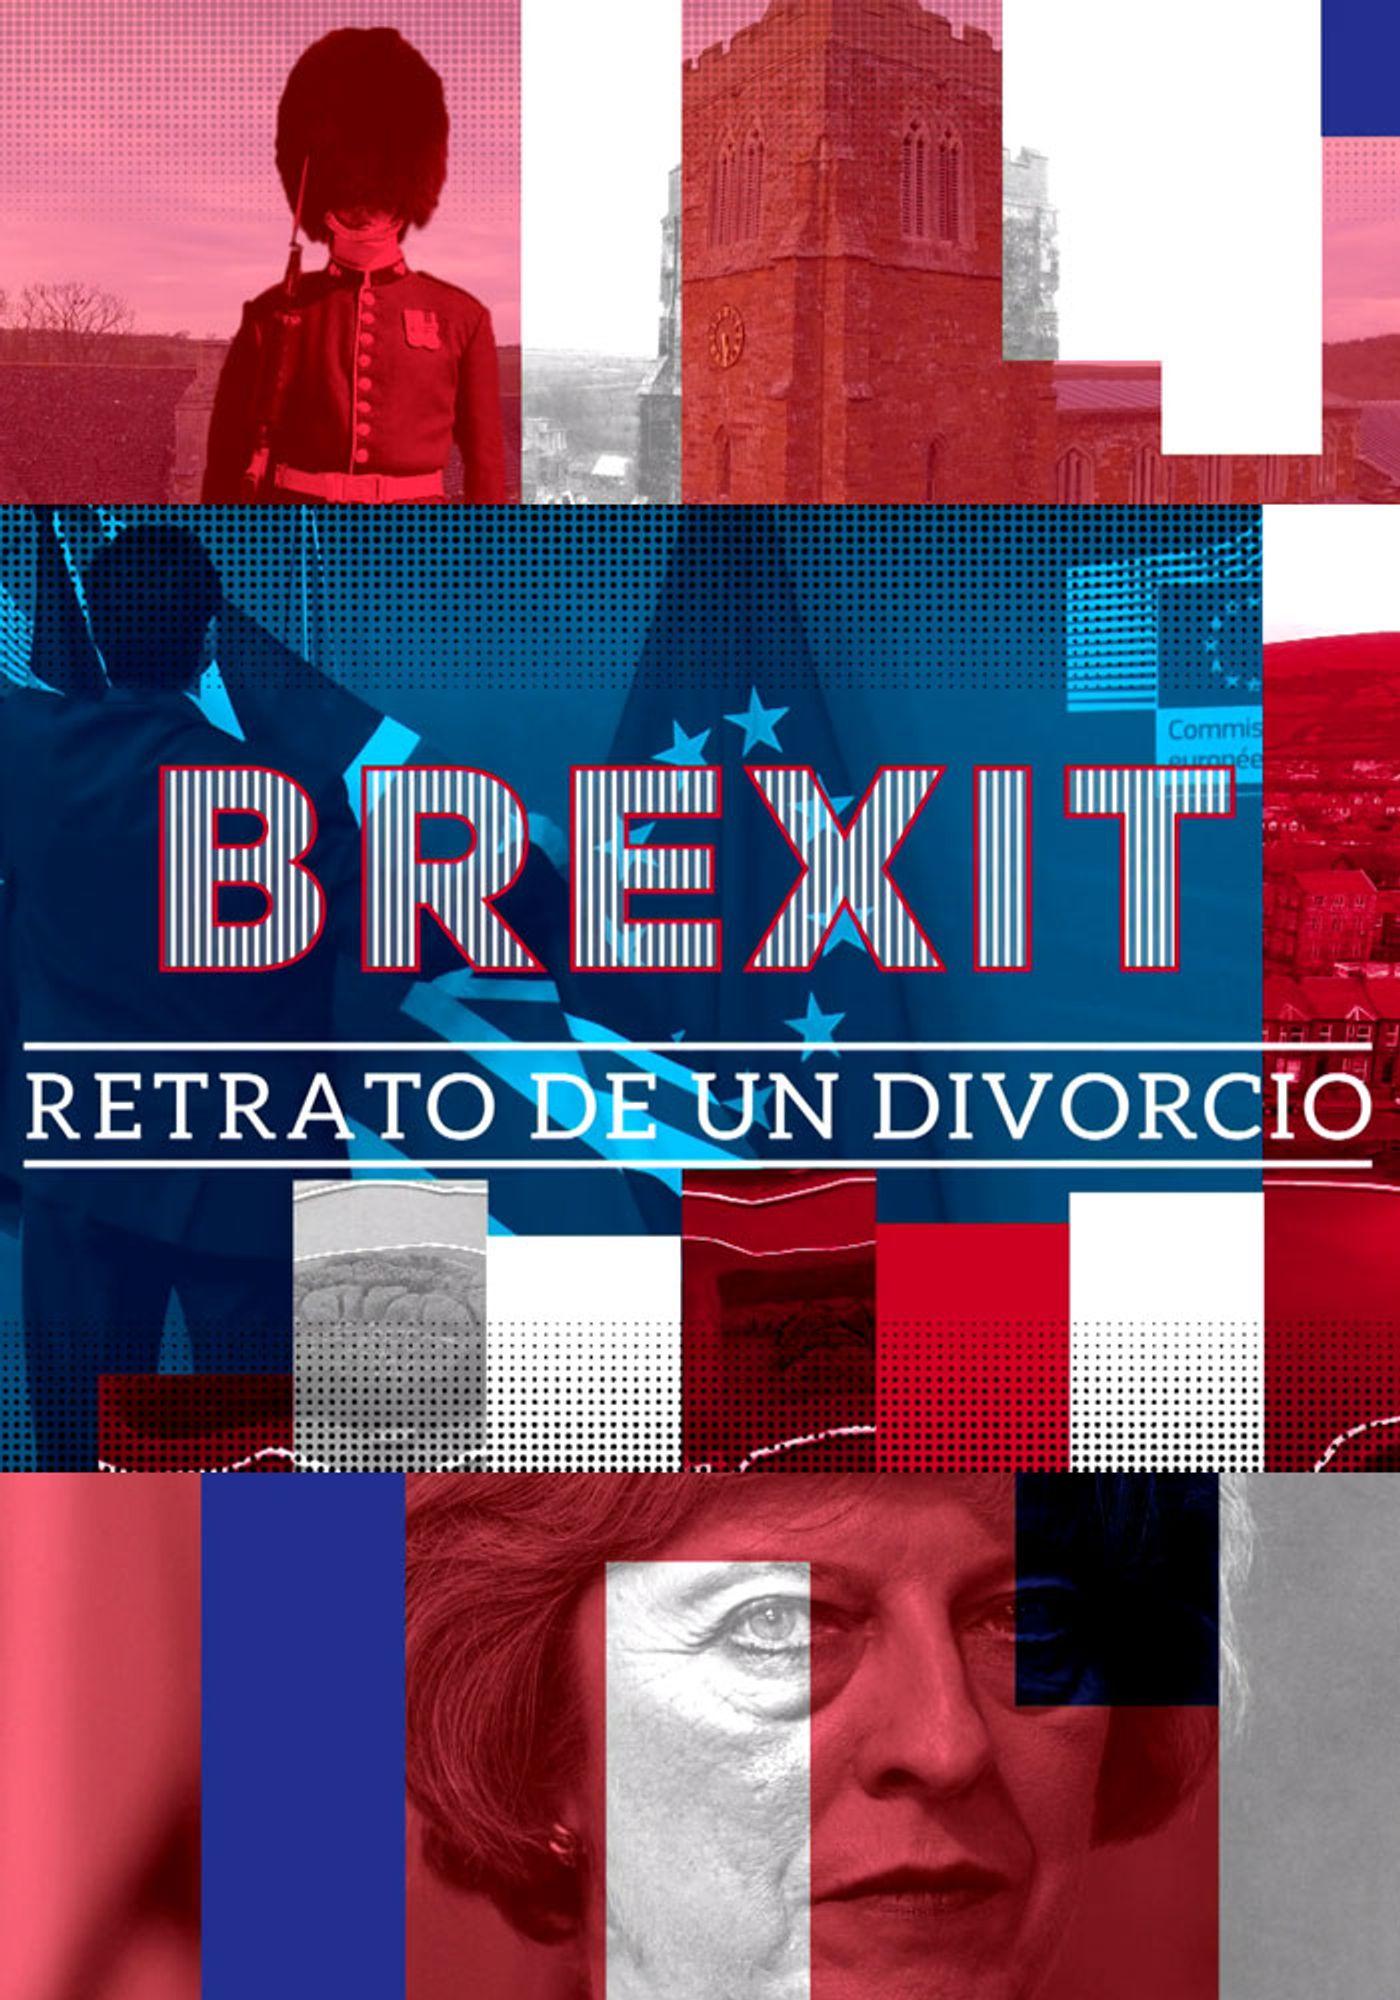 boh3m2207zmo_brexit_poster.jpg